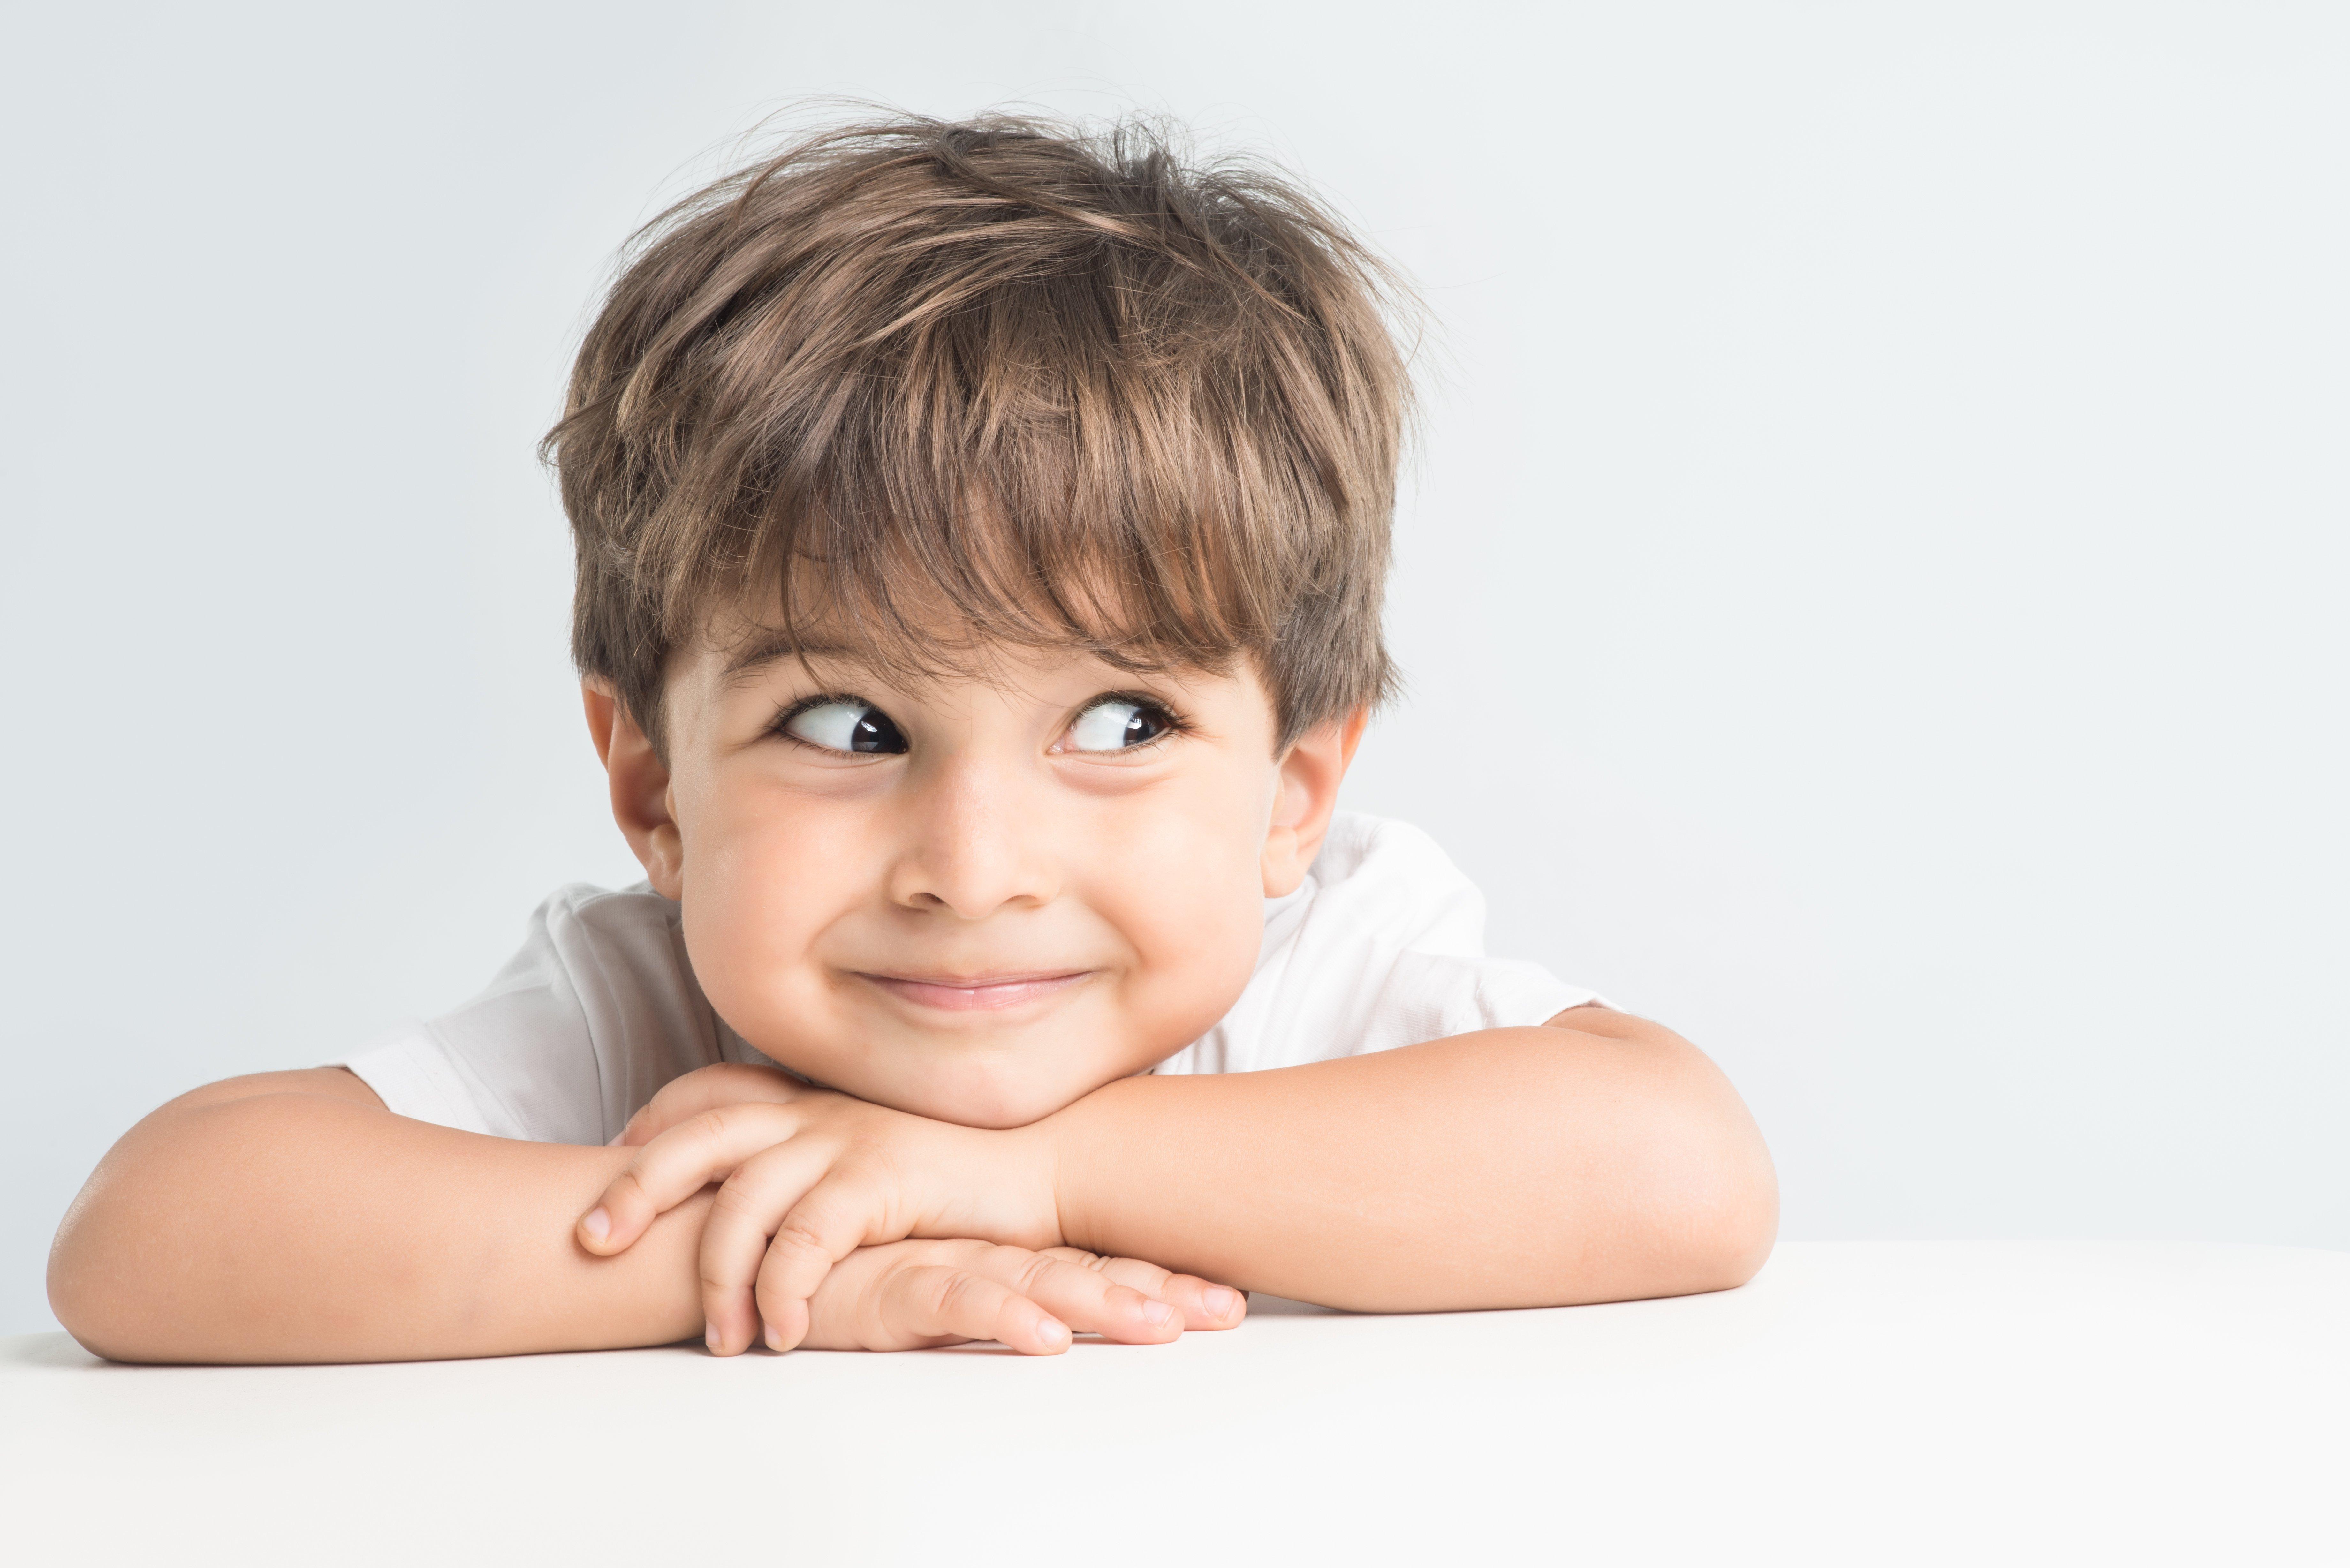 Bambino 6 Anni Non Ascolta.Come Nasce L Umorismo Dei Bambini Psicologia Contemporanea